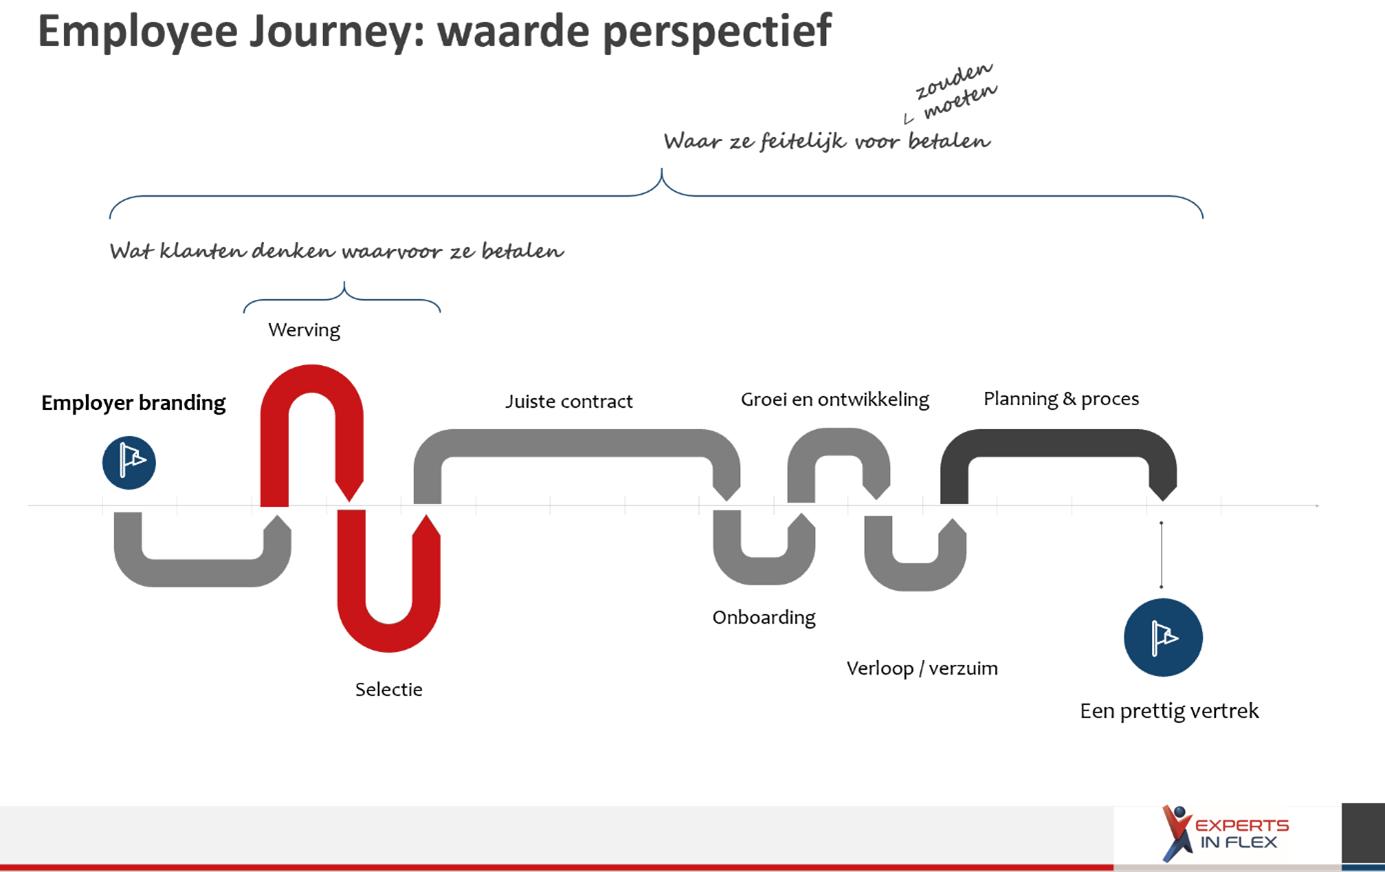 Employee Journey: waarde perspectief